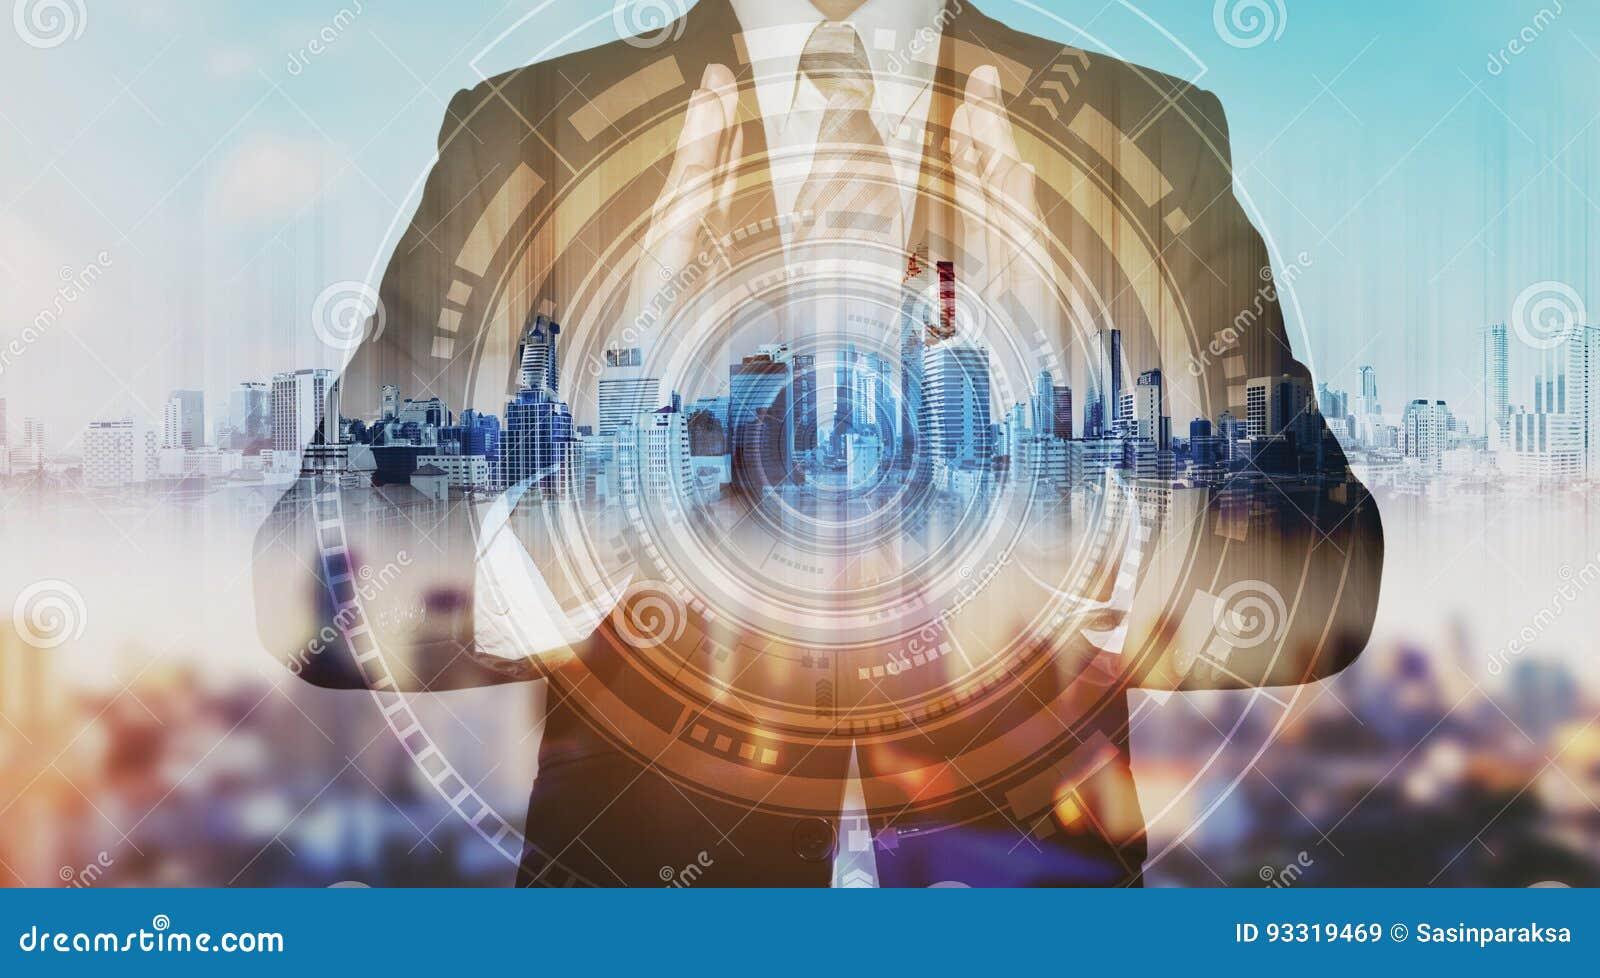 Geschäftsmann mit Stadthologramm und futuristischer Technologie futuristische Schöpfergeschäftstechnologie